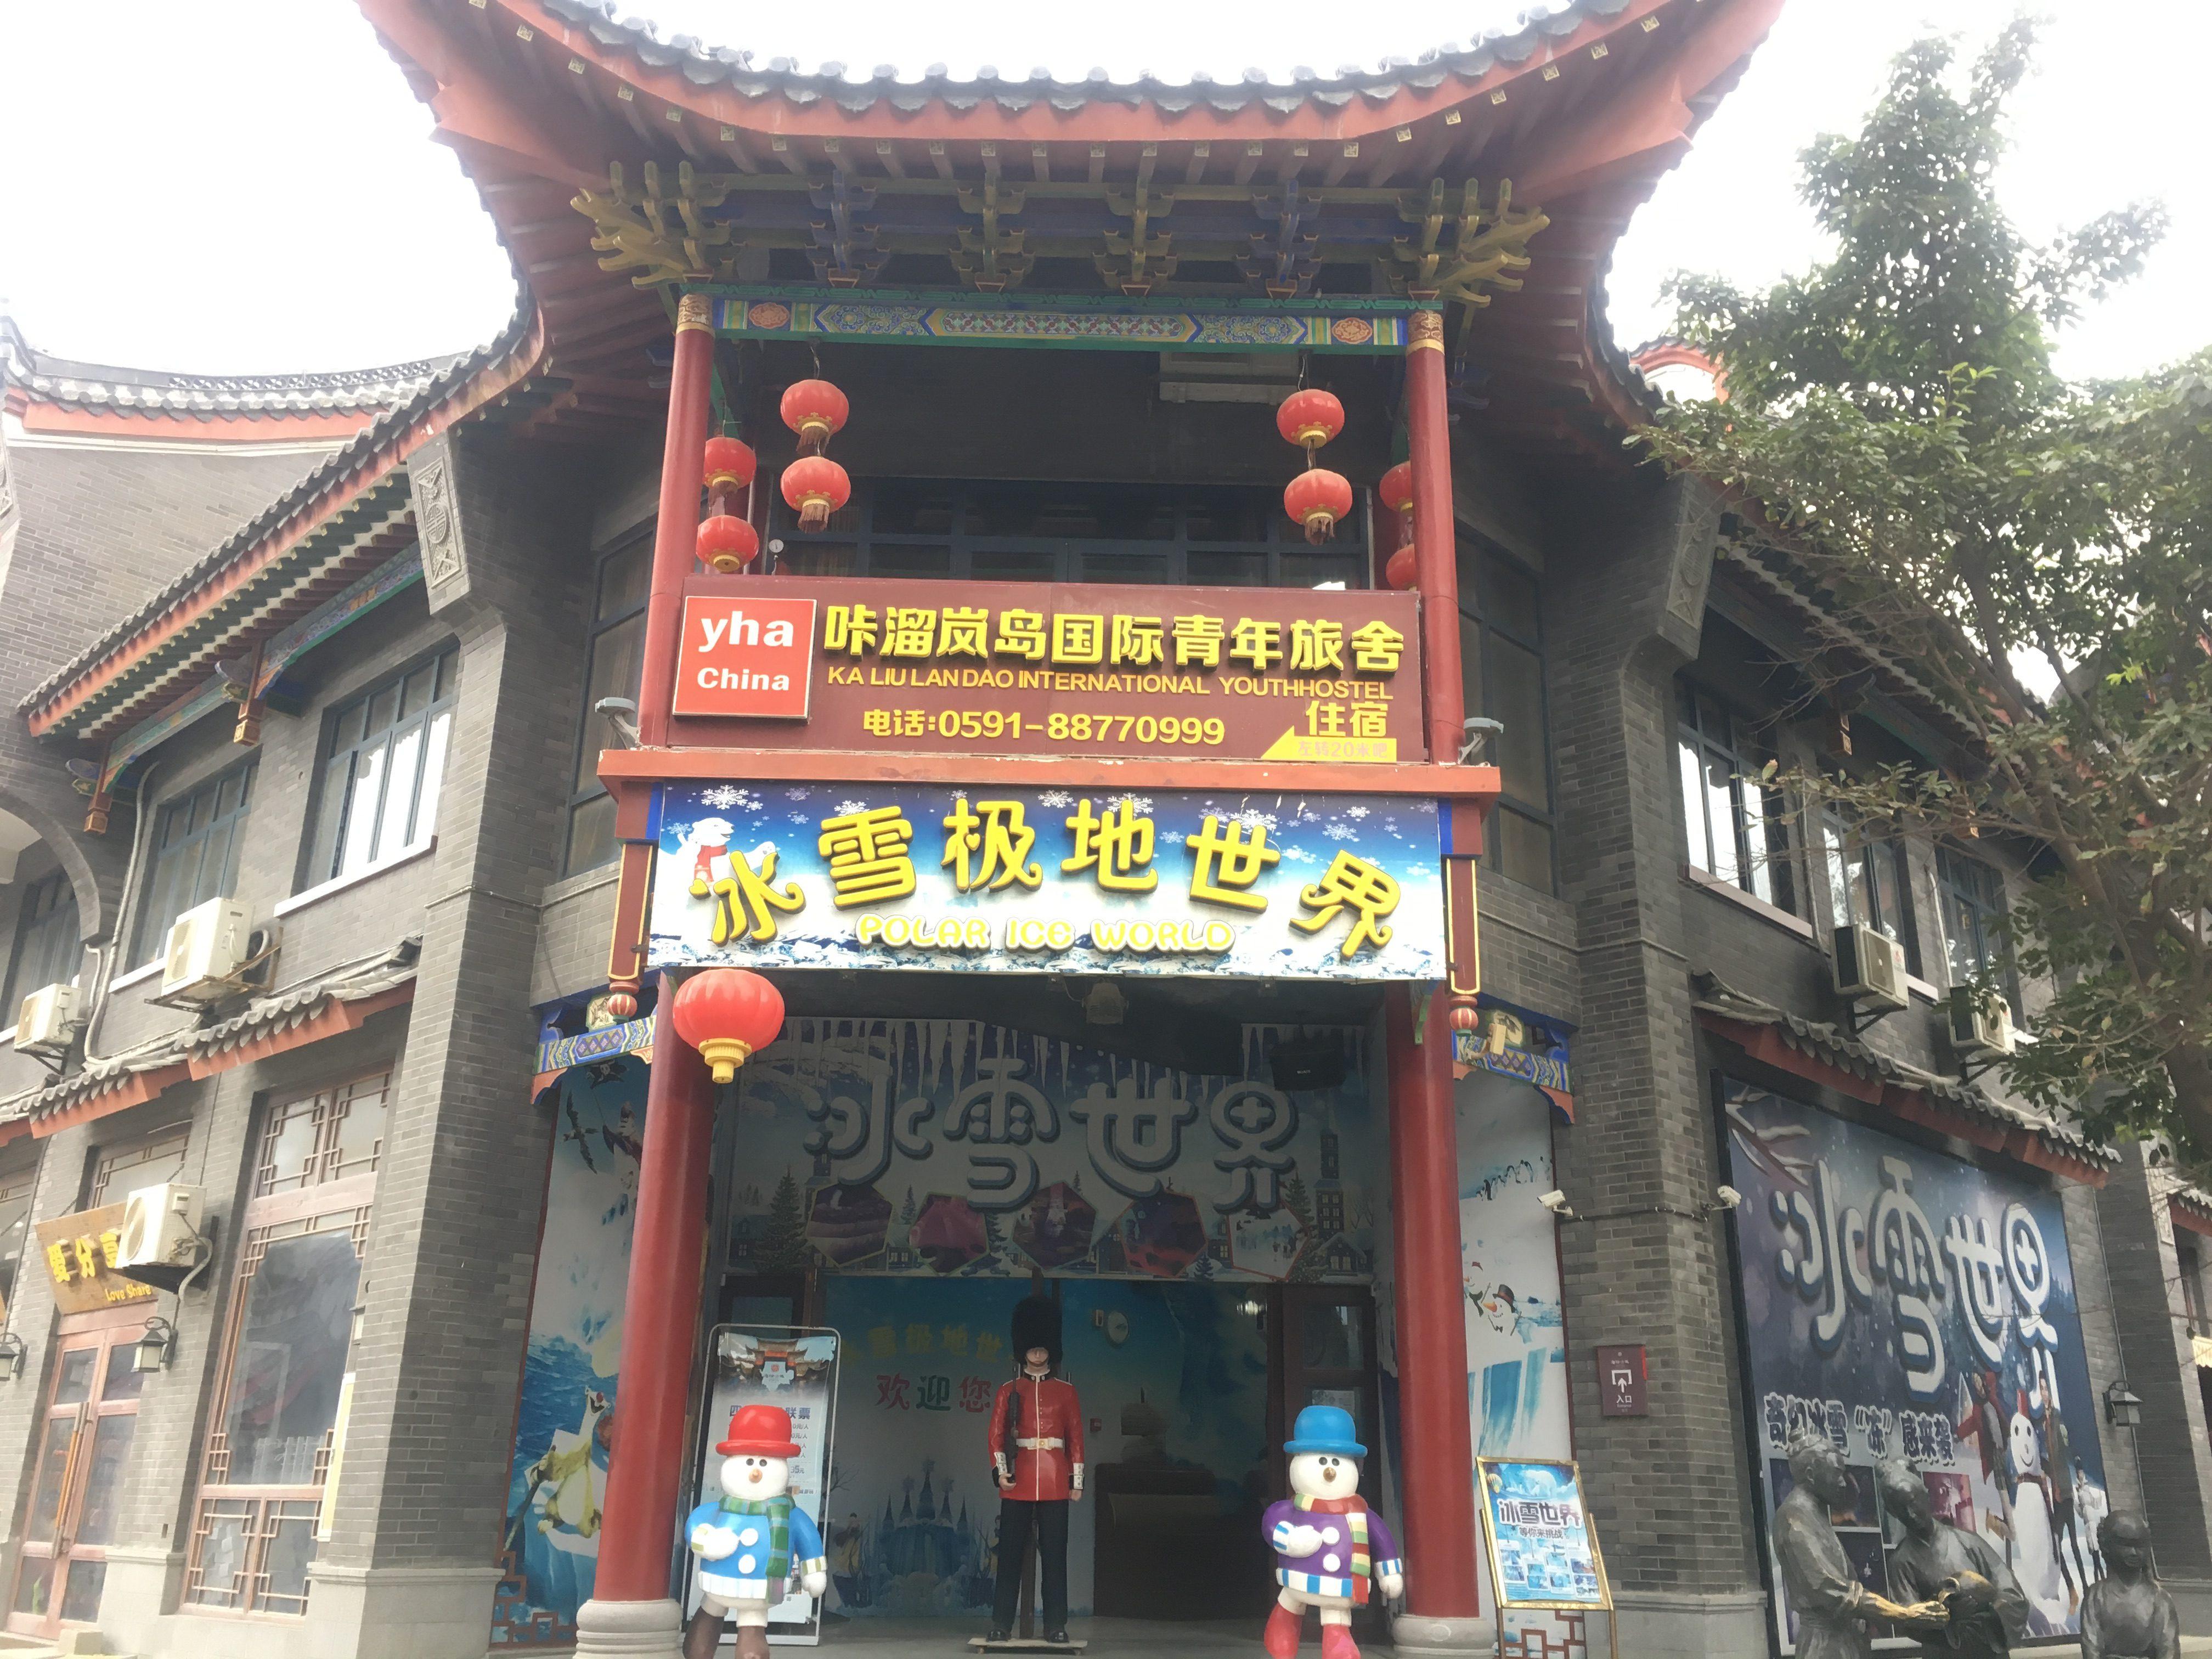 Another door to the hostel on Pingtan